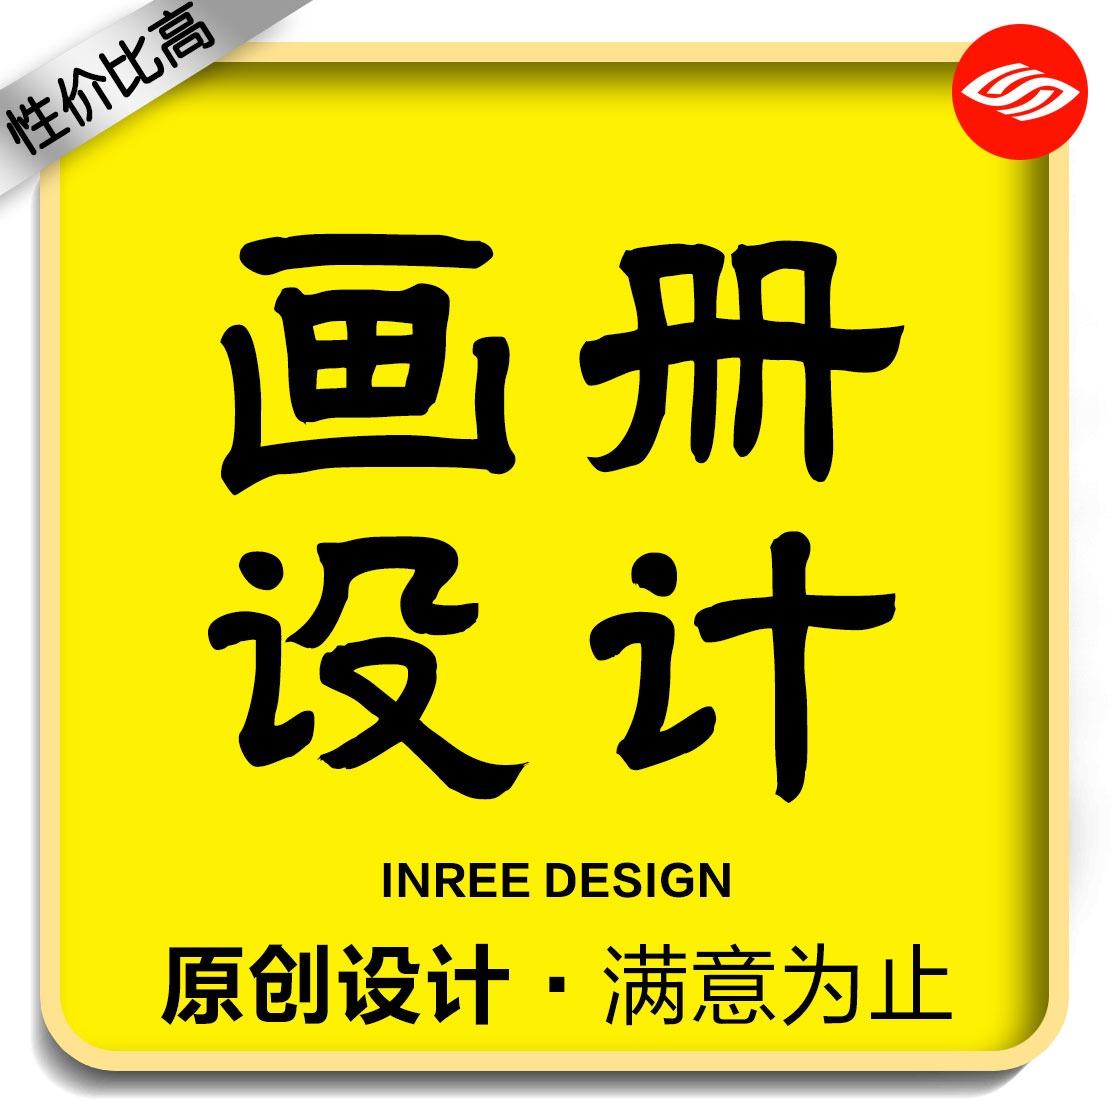 引力资深画册/宣传画册/企业画册/产品画册/书刊/ppt设计